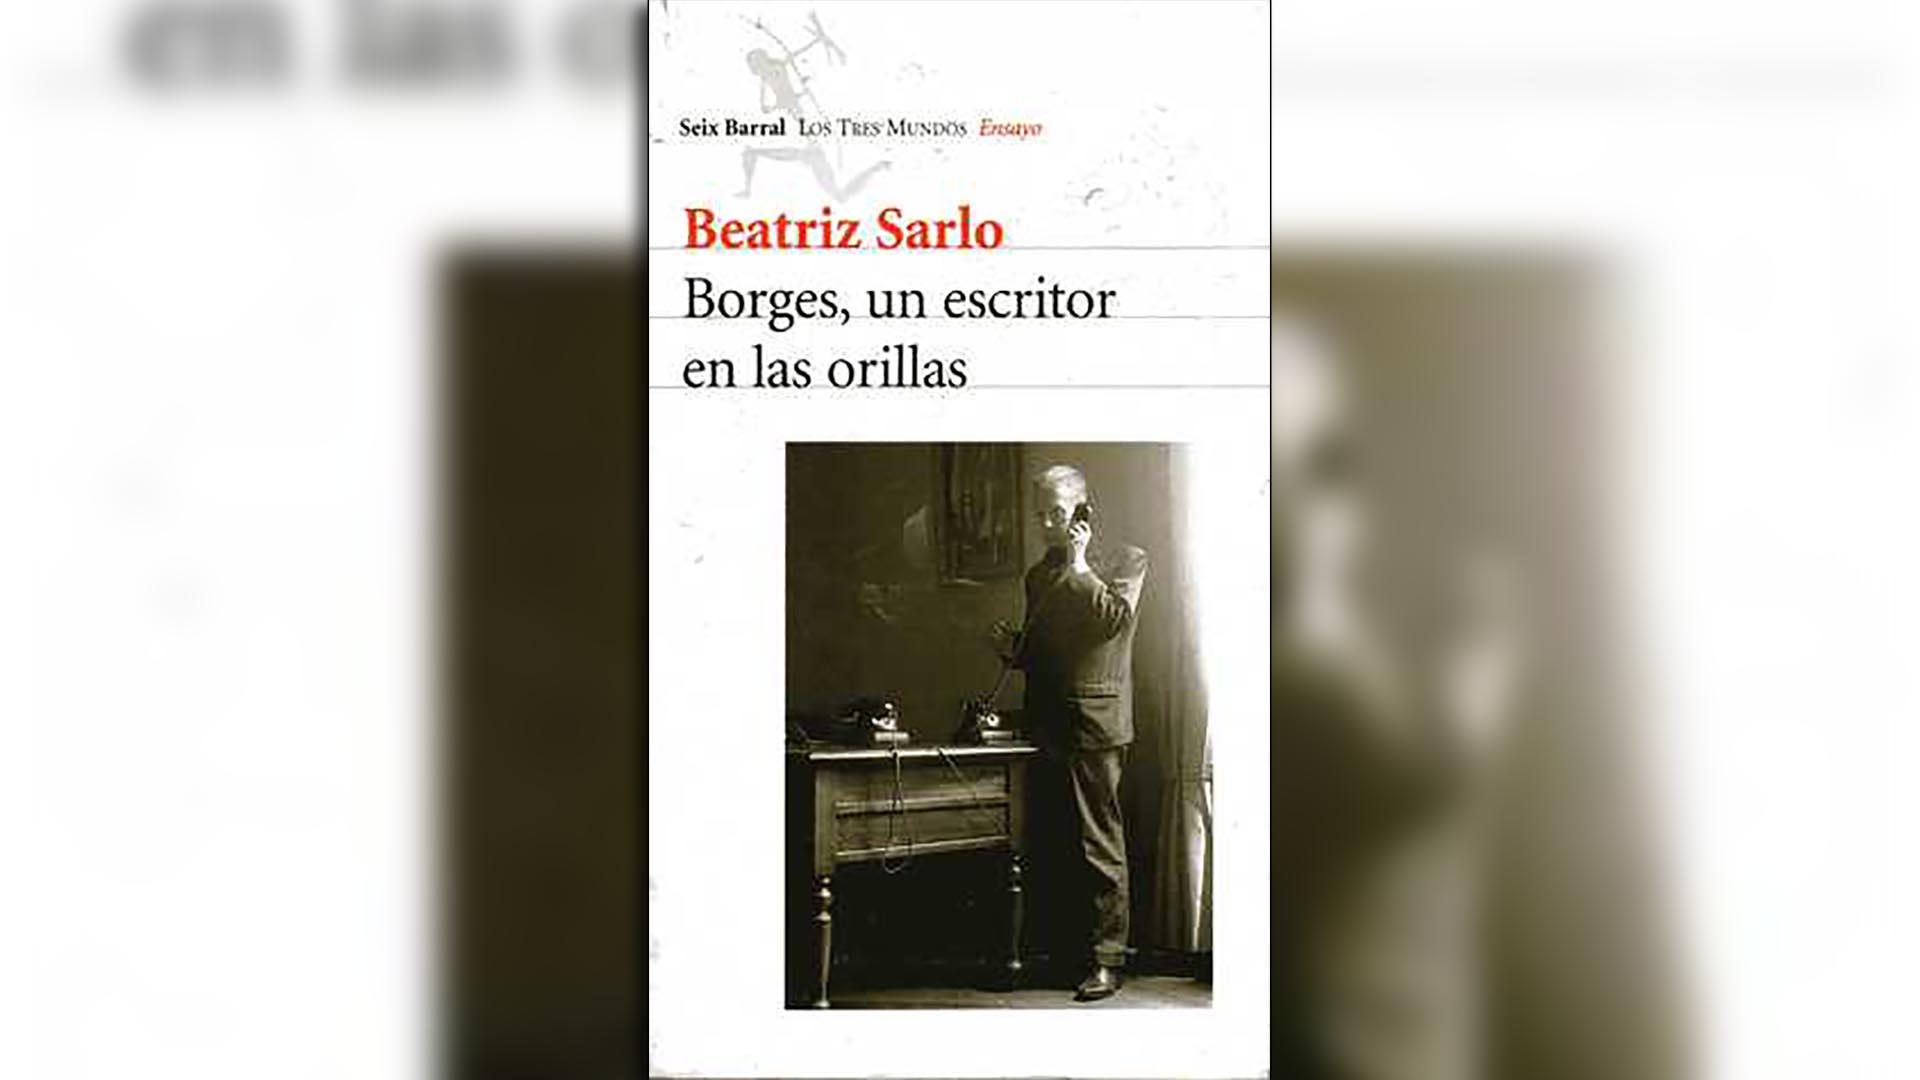 Sarlo y una crítica neocolonial sobre Borges